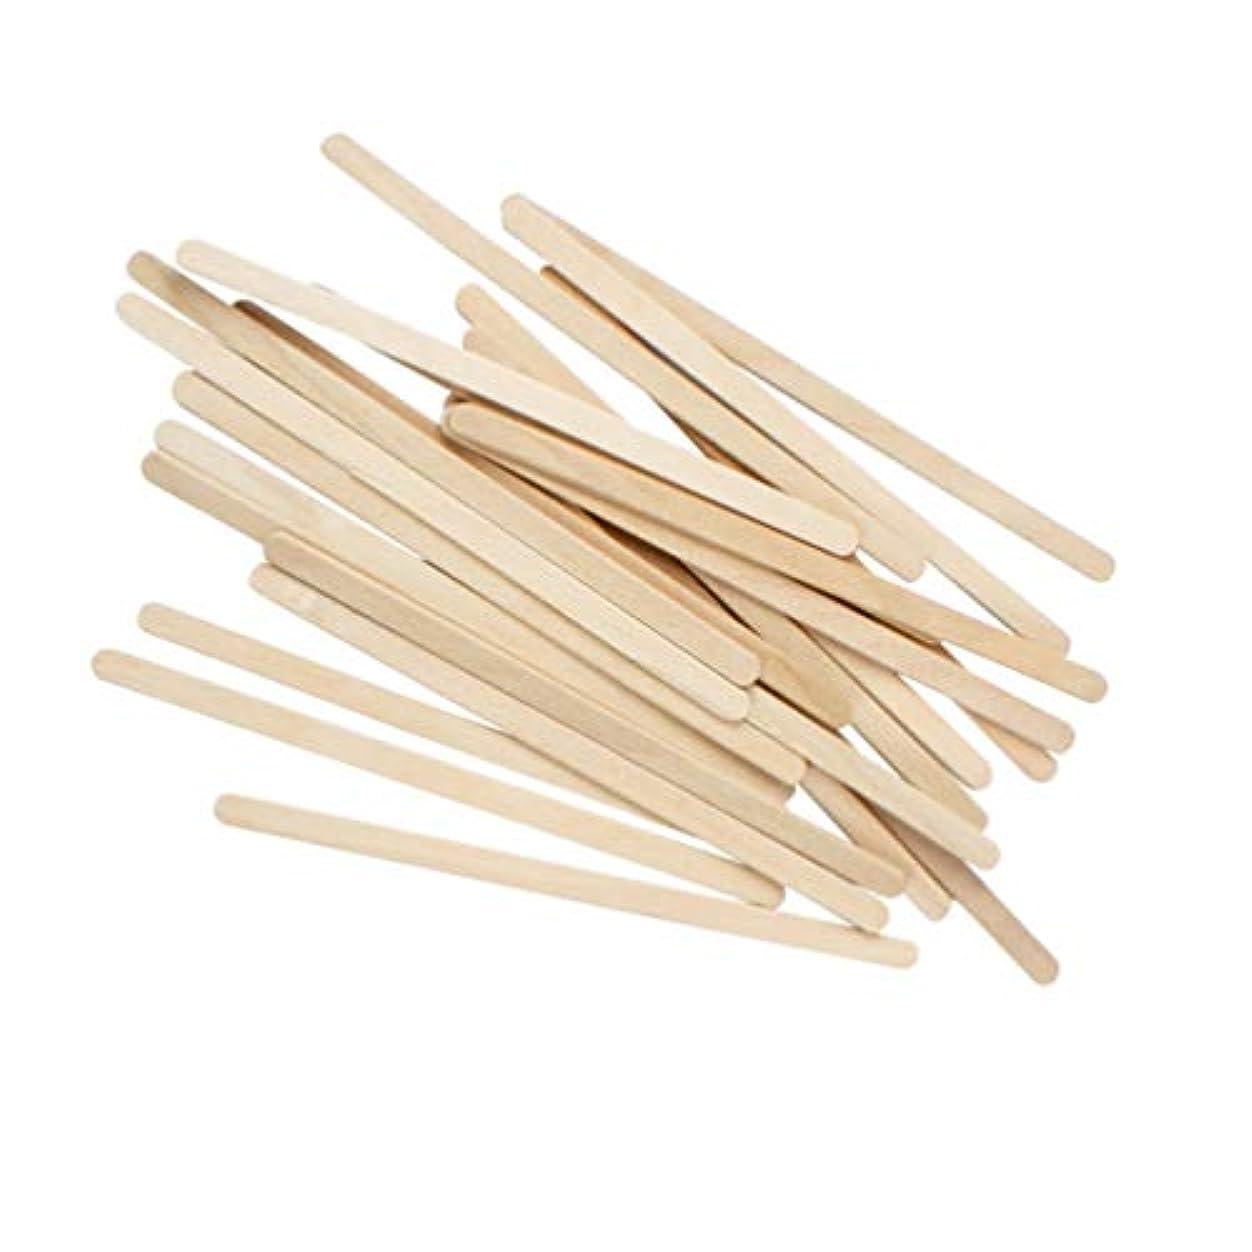 便益屈辱する内部Healifty 100ピース木製ワックスアプリケーター使い捨て脱毛ワックススティックマスクワックスヘラロッド用女性